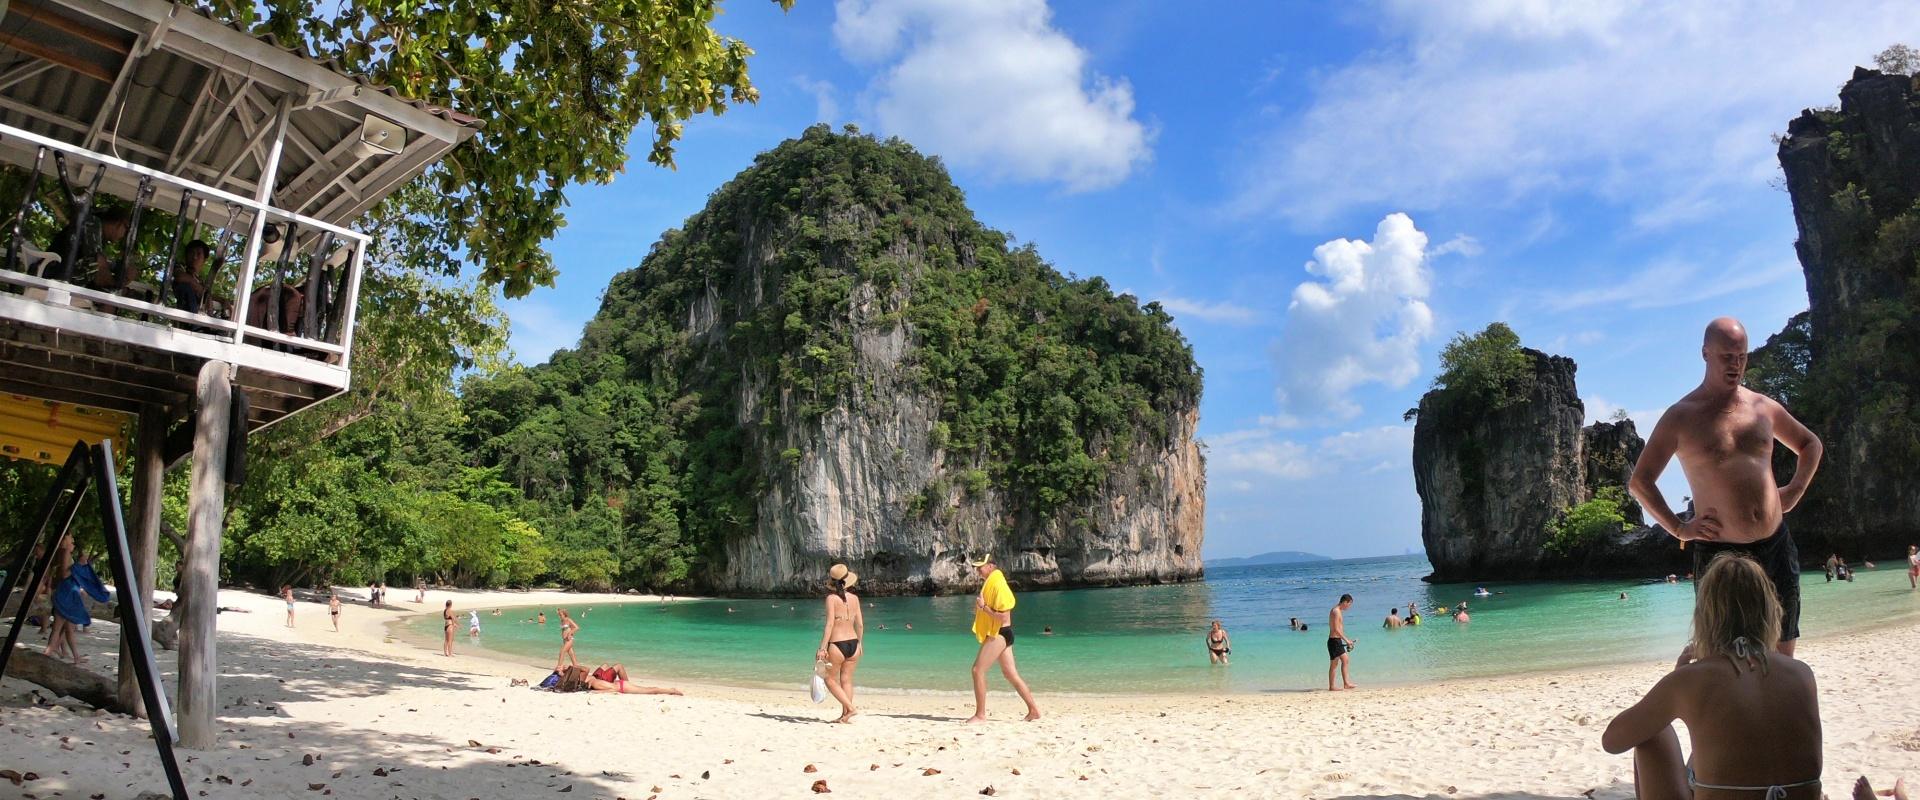 หาดเกาะห้อง นักท่องเที่ยว